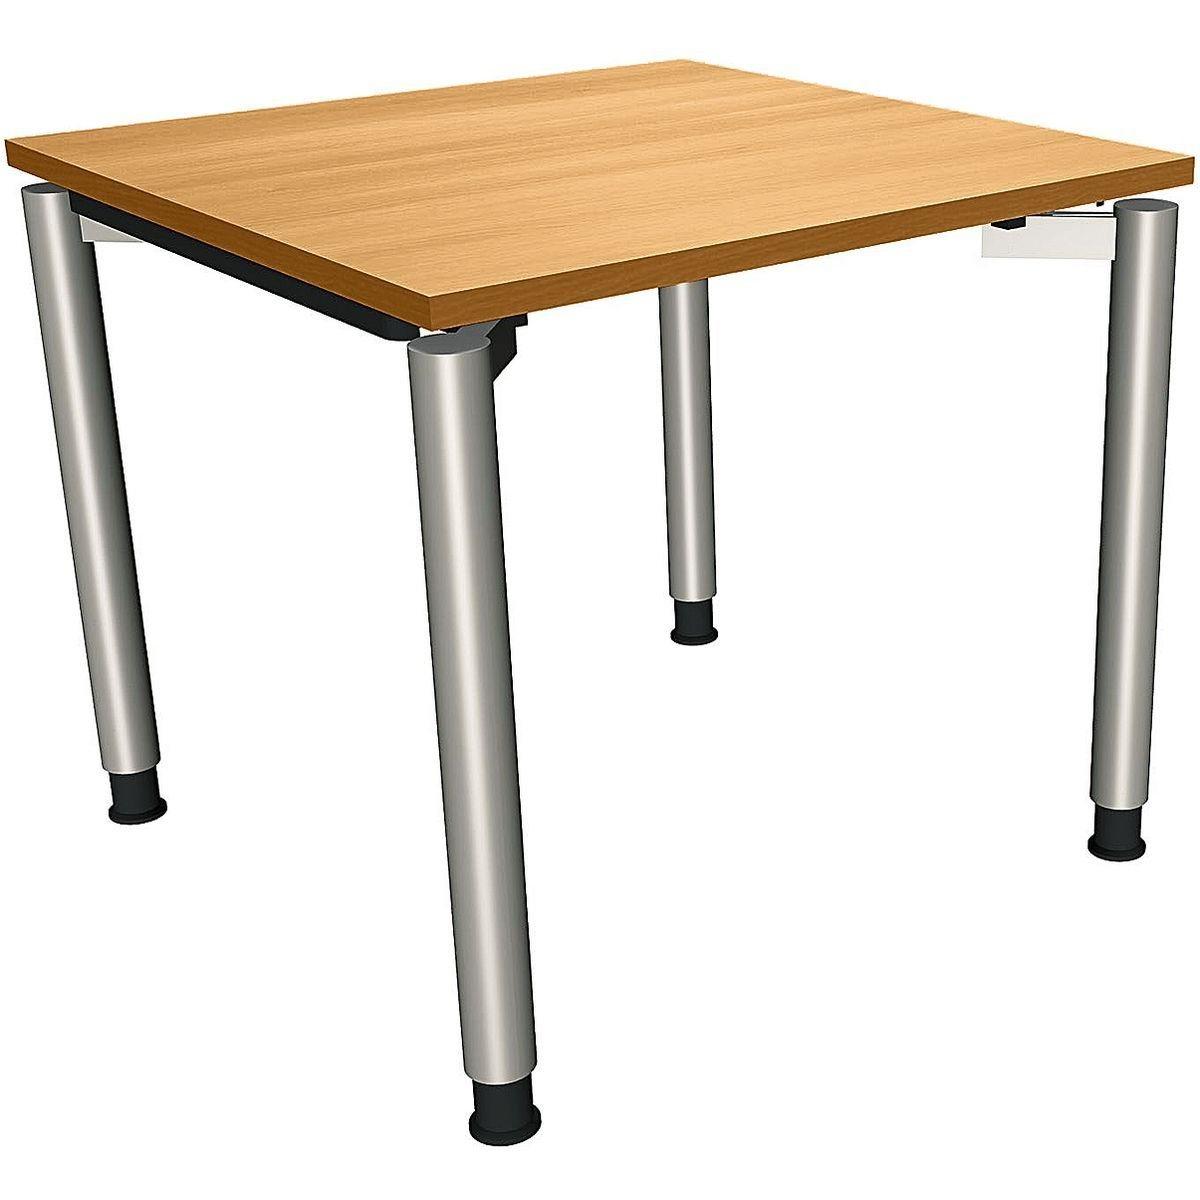 FMBUEROMOEBEL Manuell höhenverstellbarer Schreibtisch 80 cm 4-Fuß... »Sidney« | Büro > Bürotische > Schreibtische | FMBUEROMOEBEL